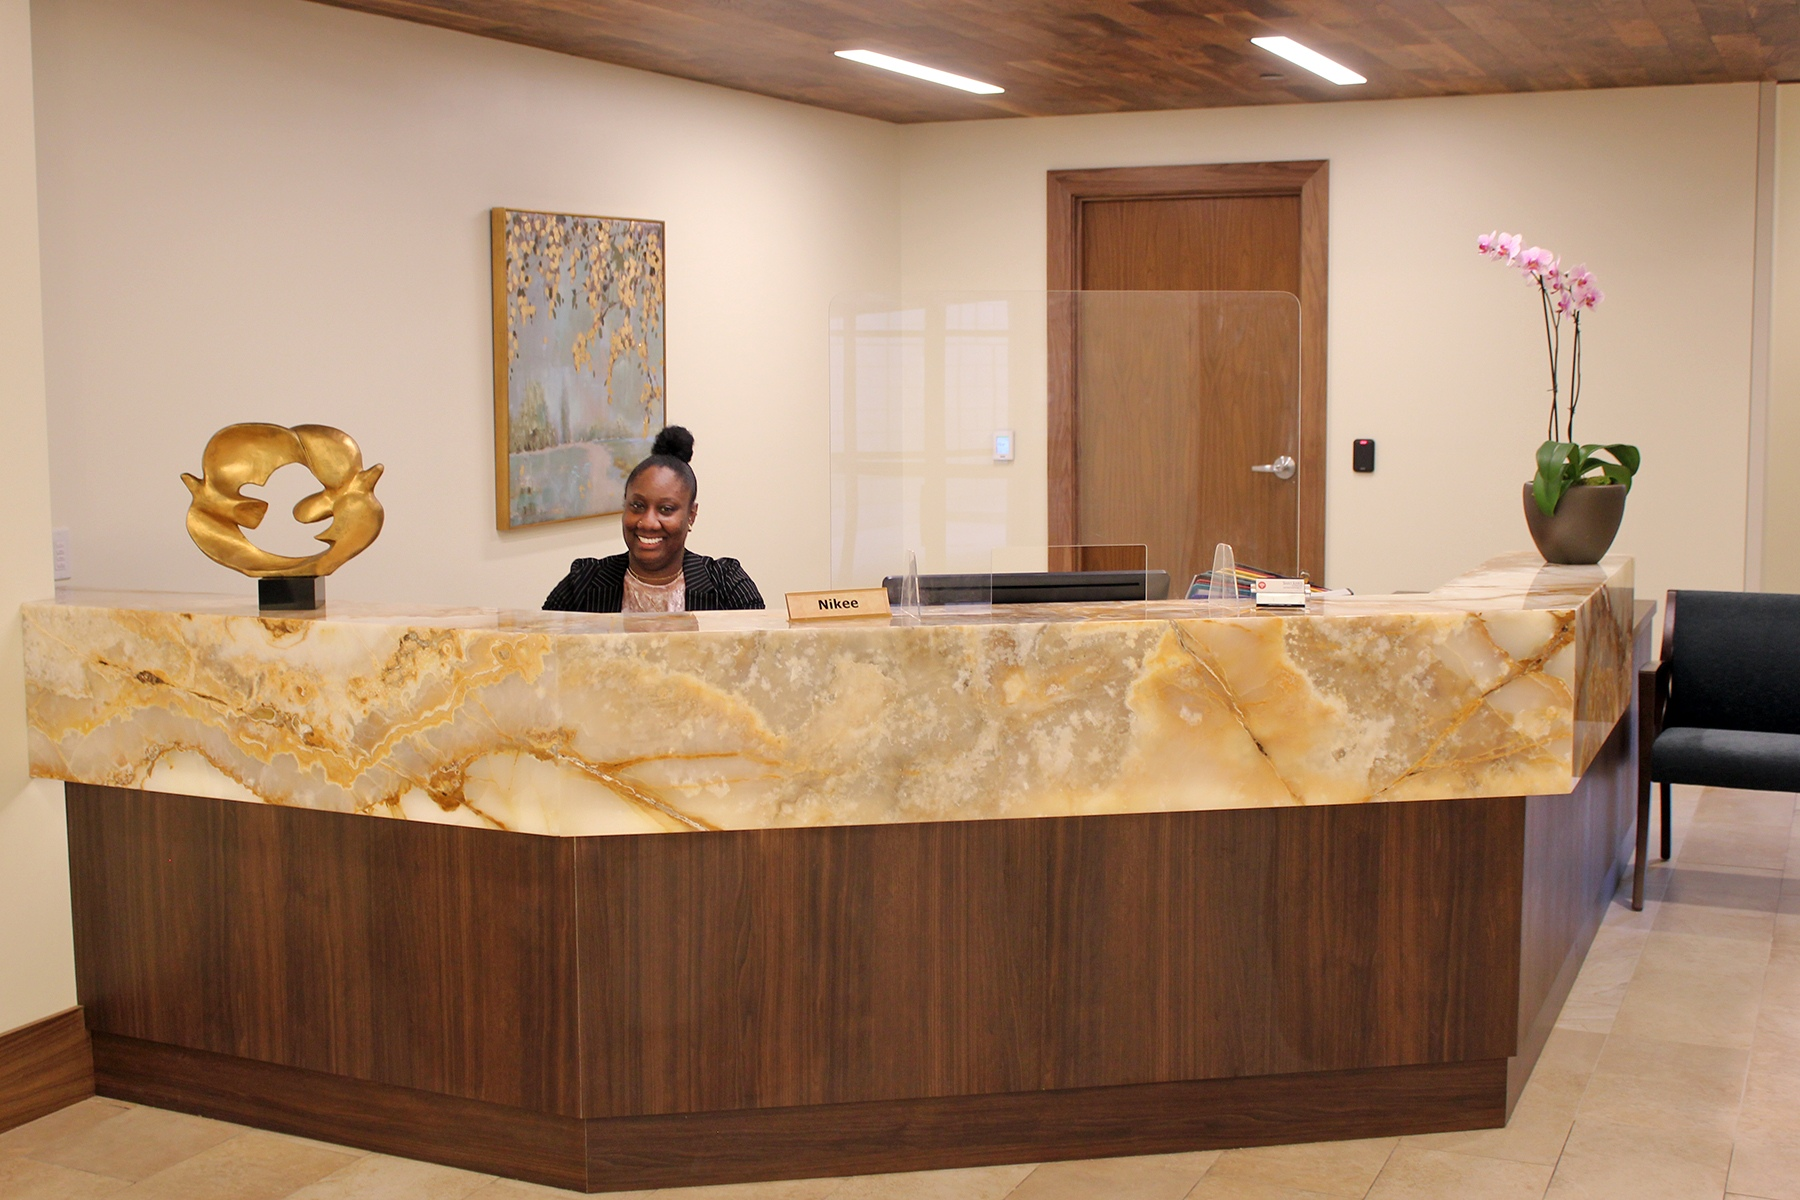 Saint John's Phase 3 - Central-Desk